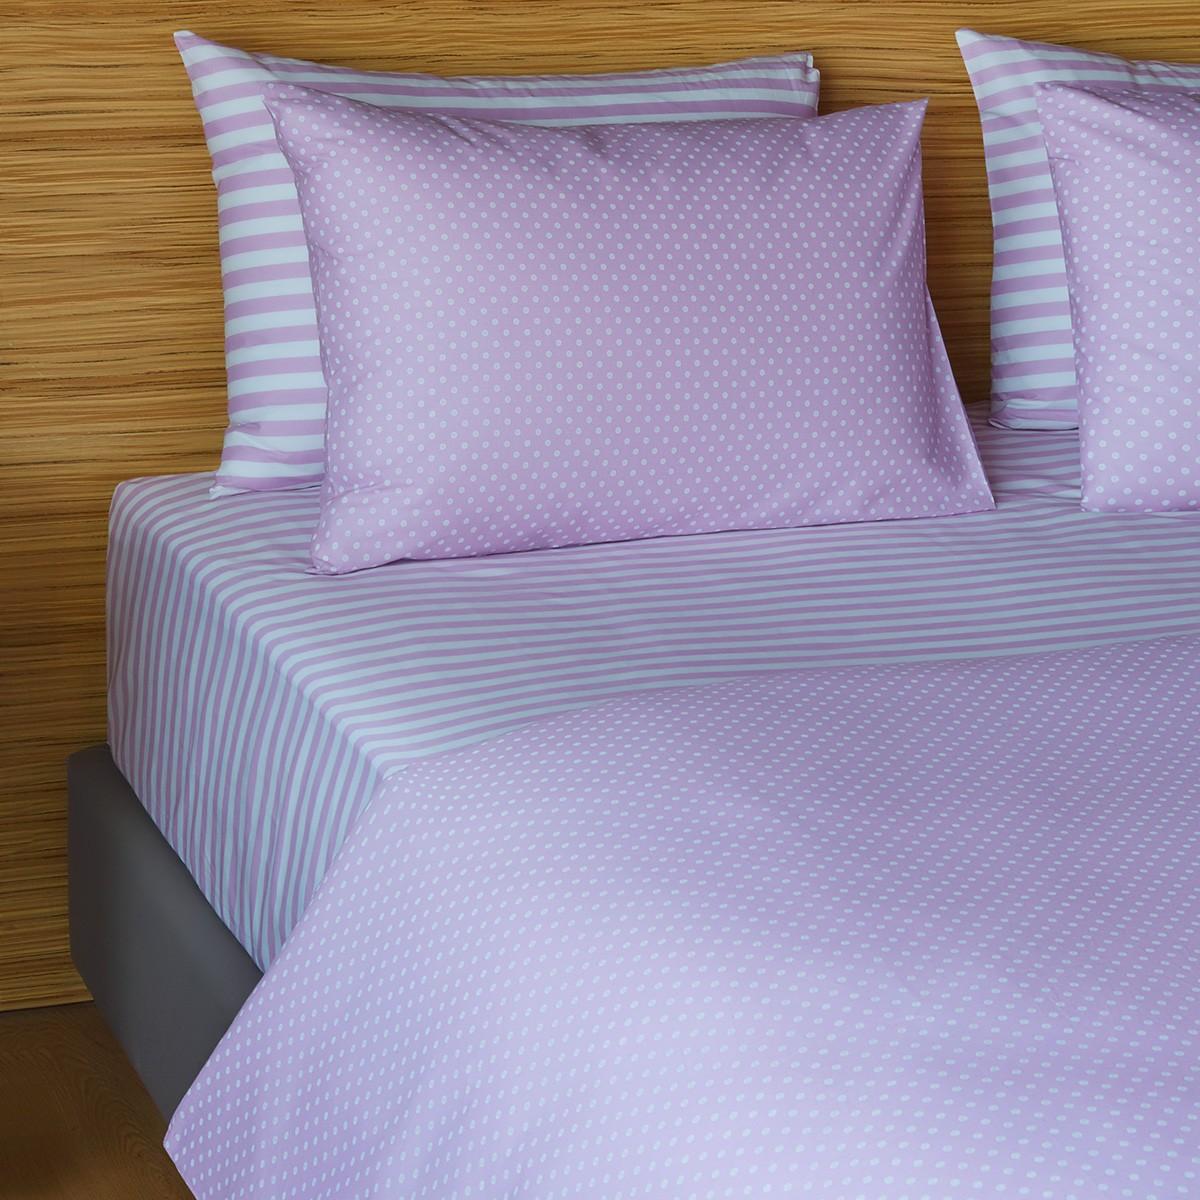 Σεντόνια Μονά (Σετ) Melinen 12532 Lilac